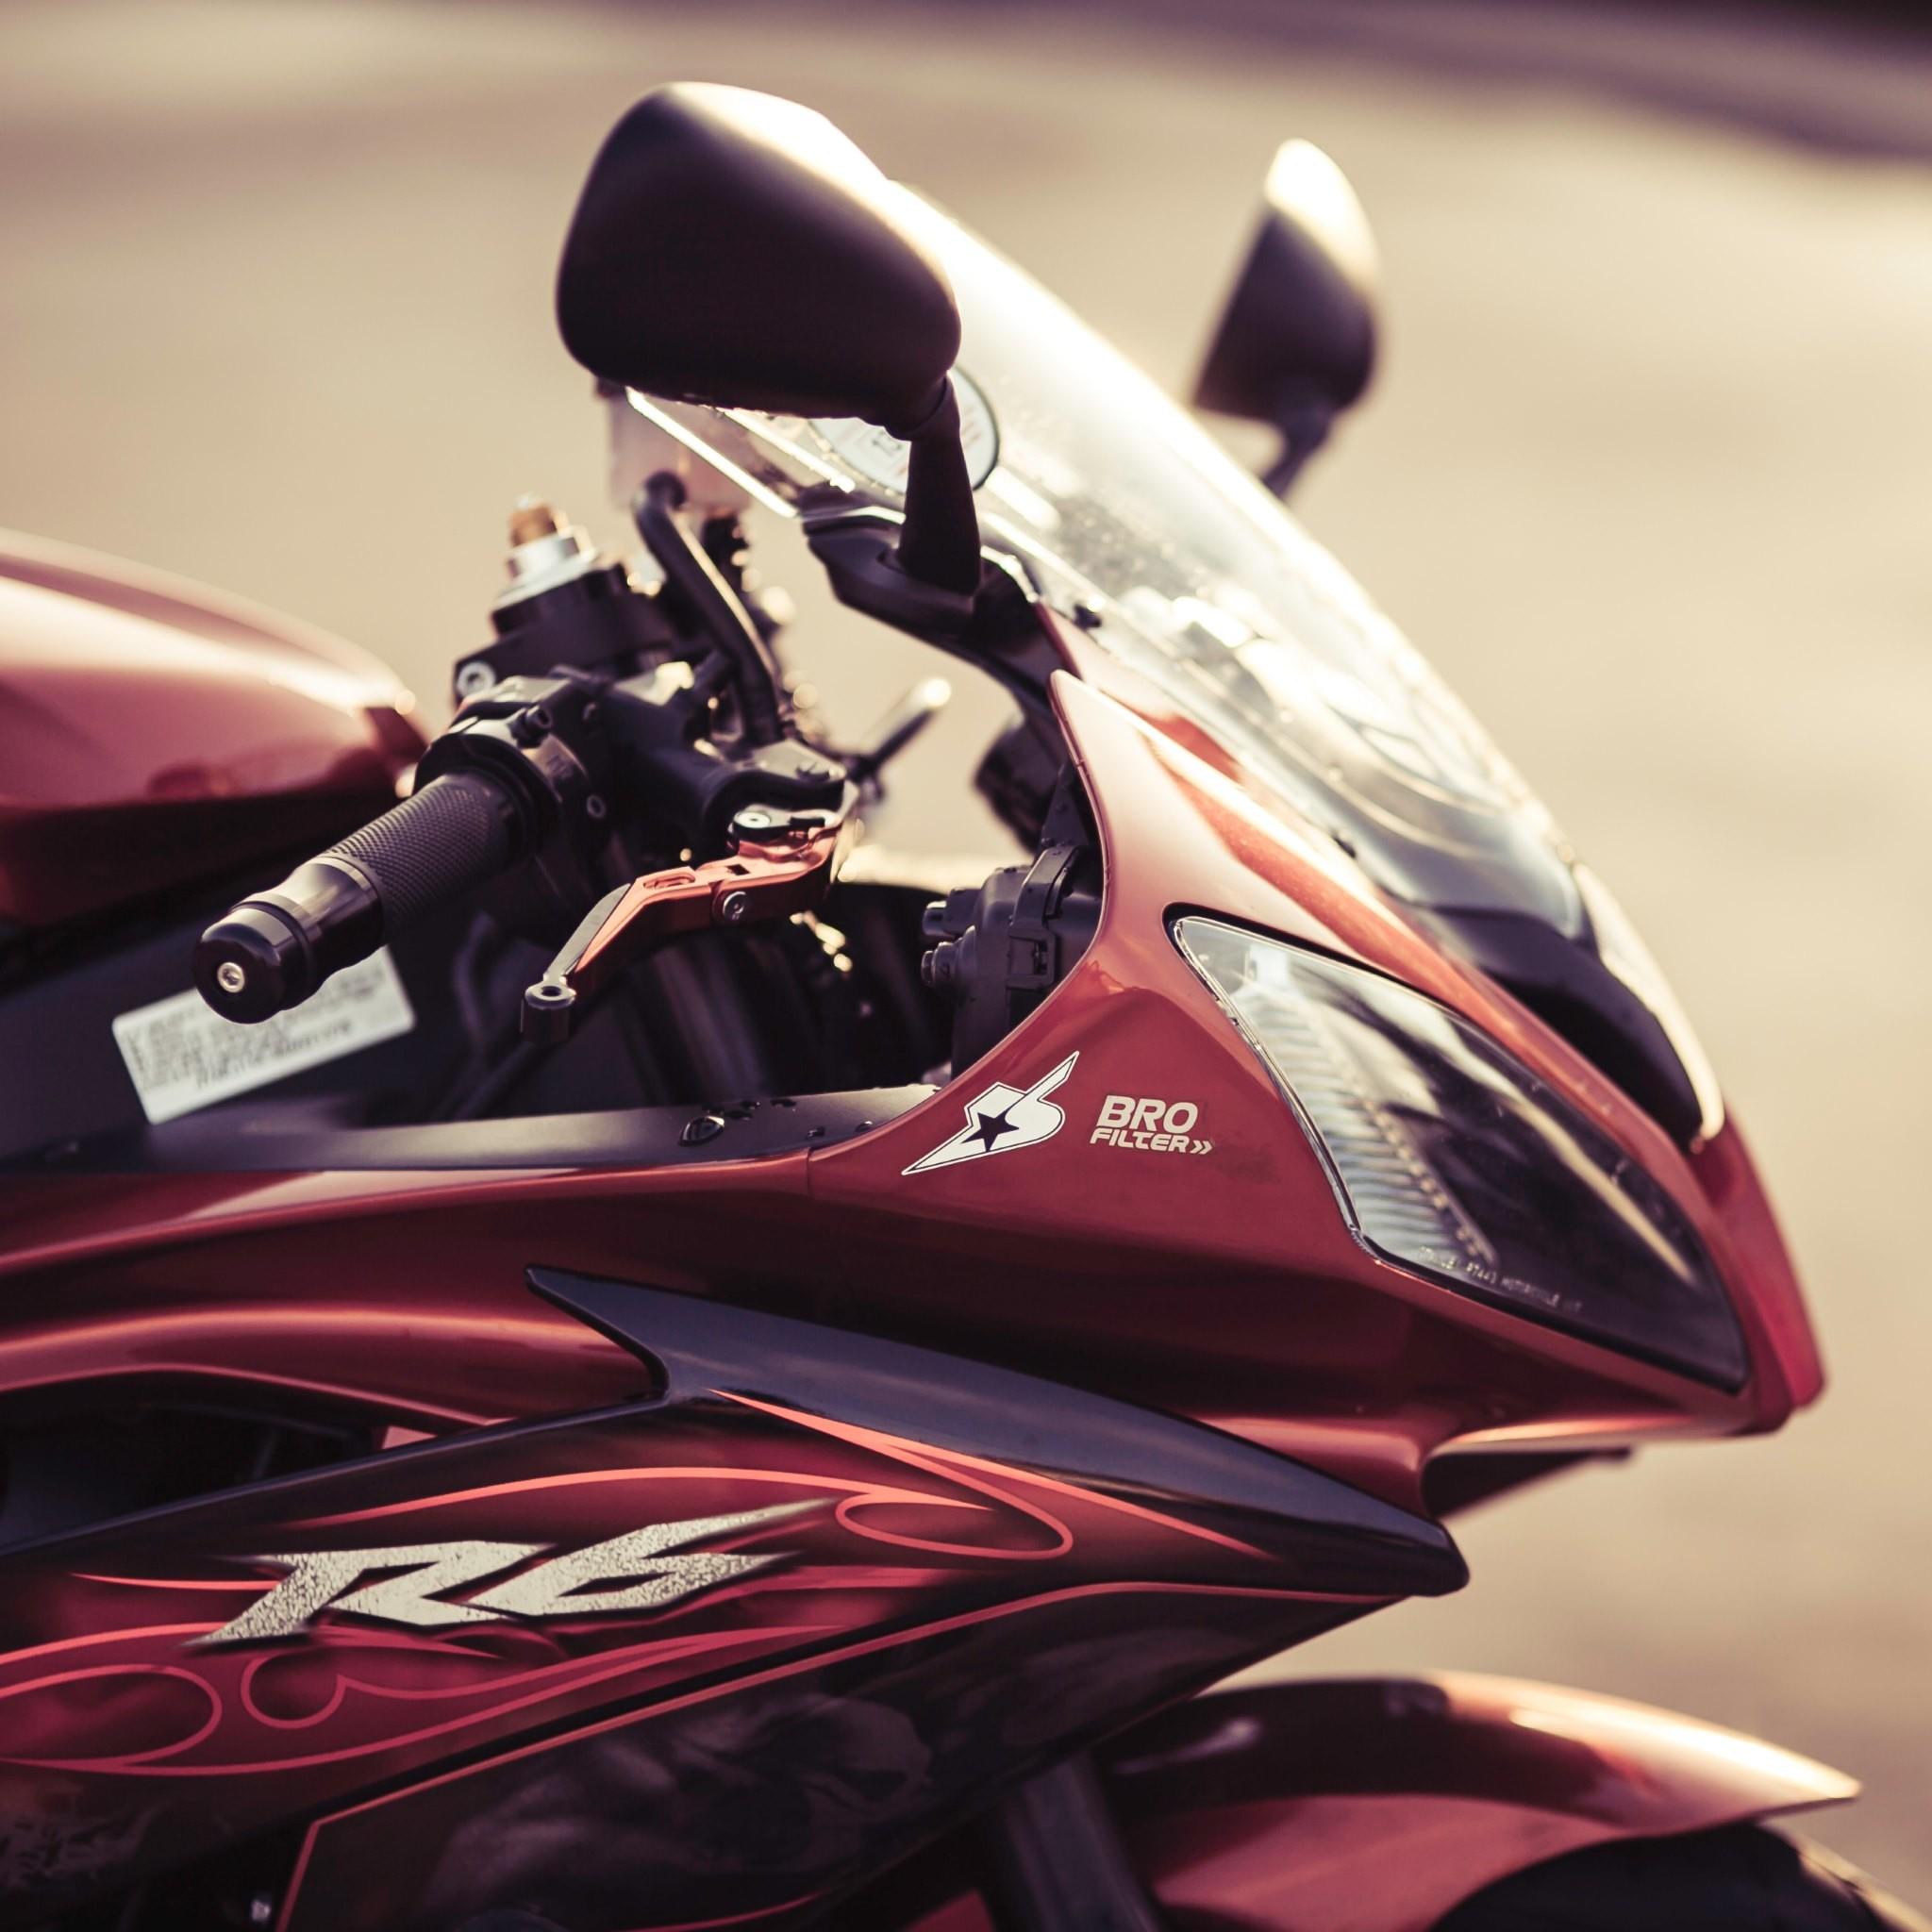 HD Wallpaper 2: Yamaha R6 Motorcycle